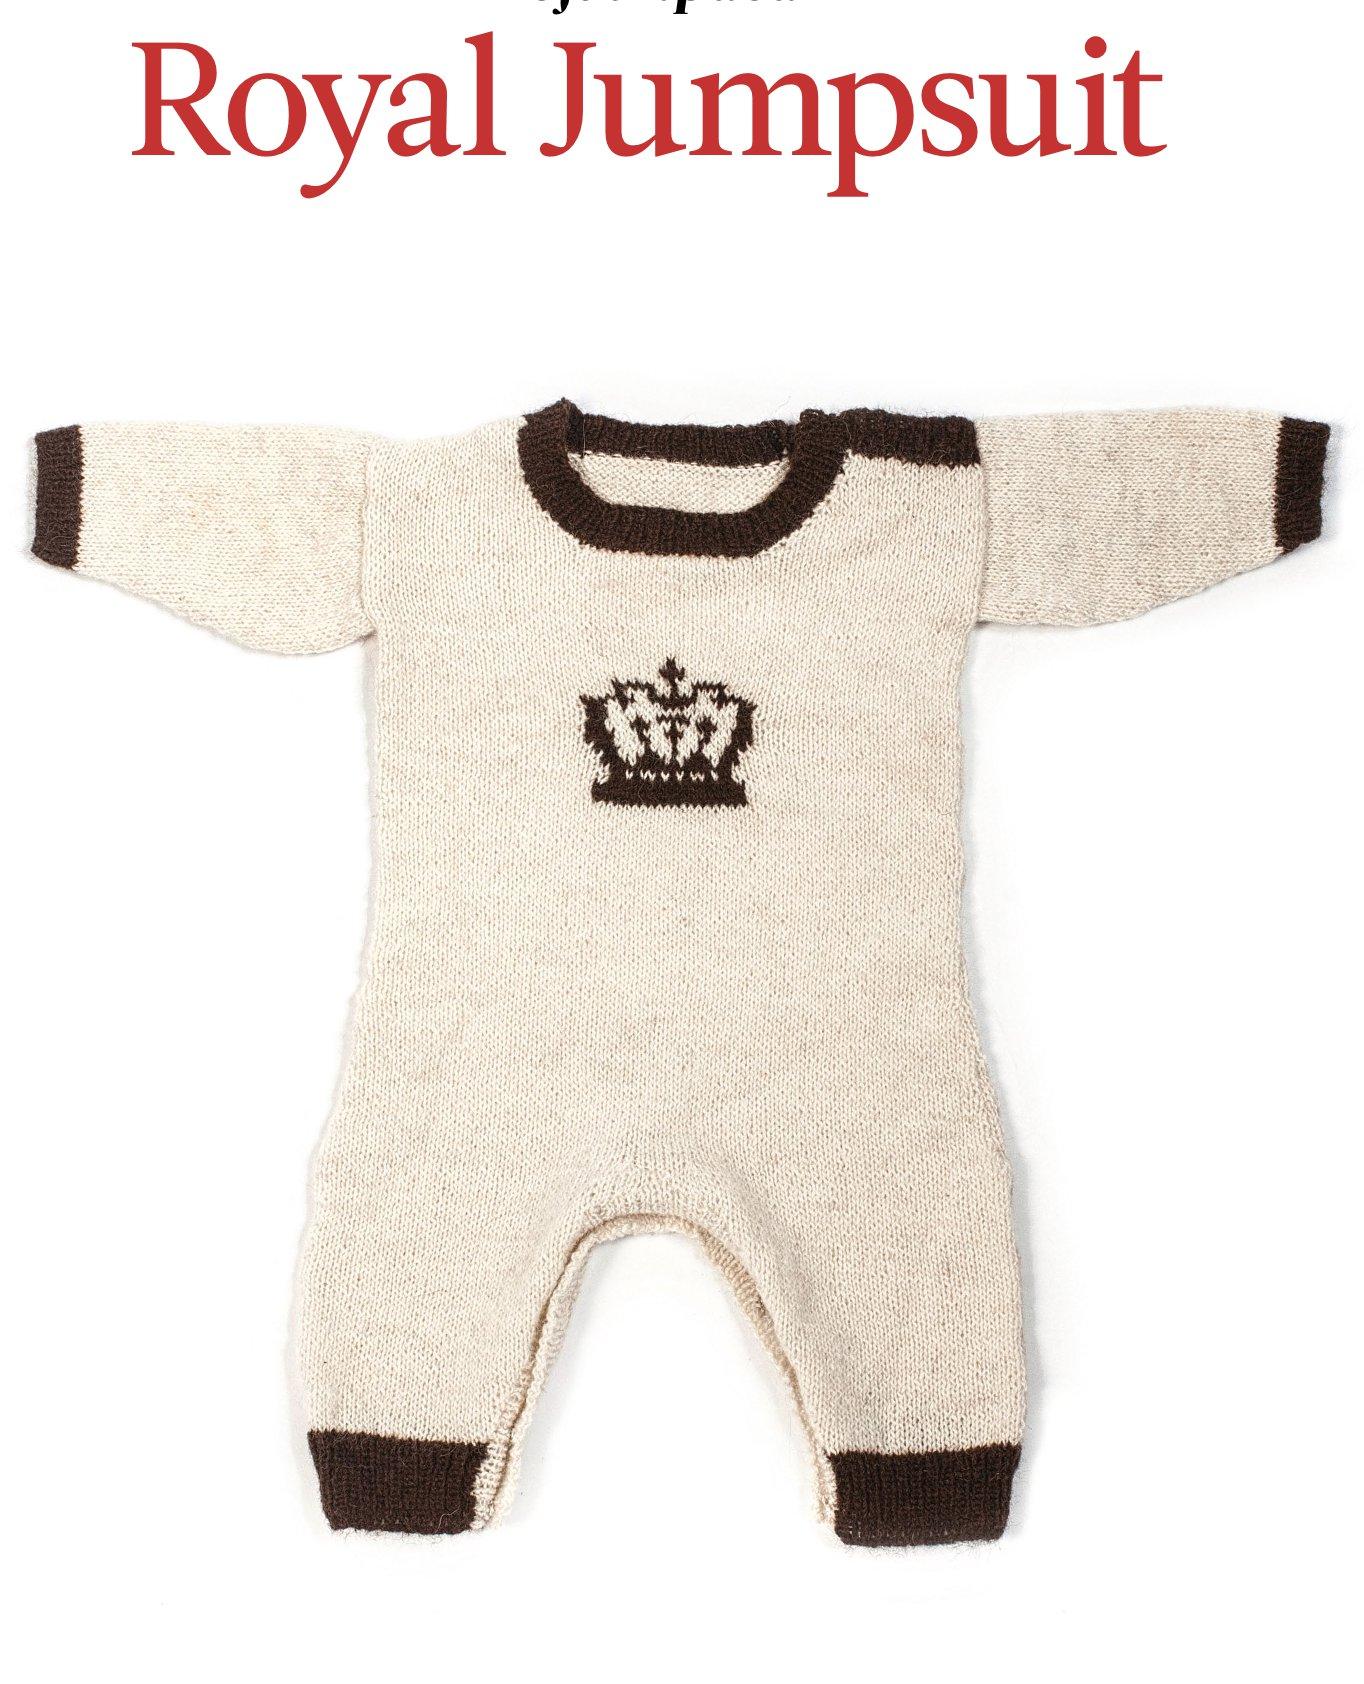 вязание спицами розового комбинезона для самых маленьких новорожденных описание схема фото